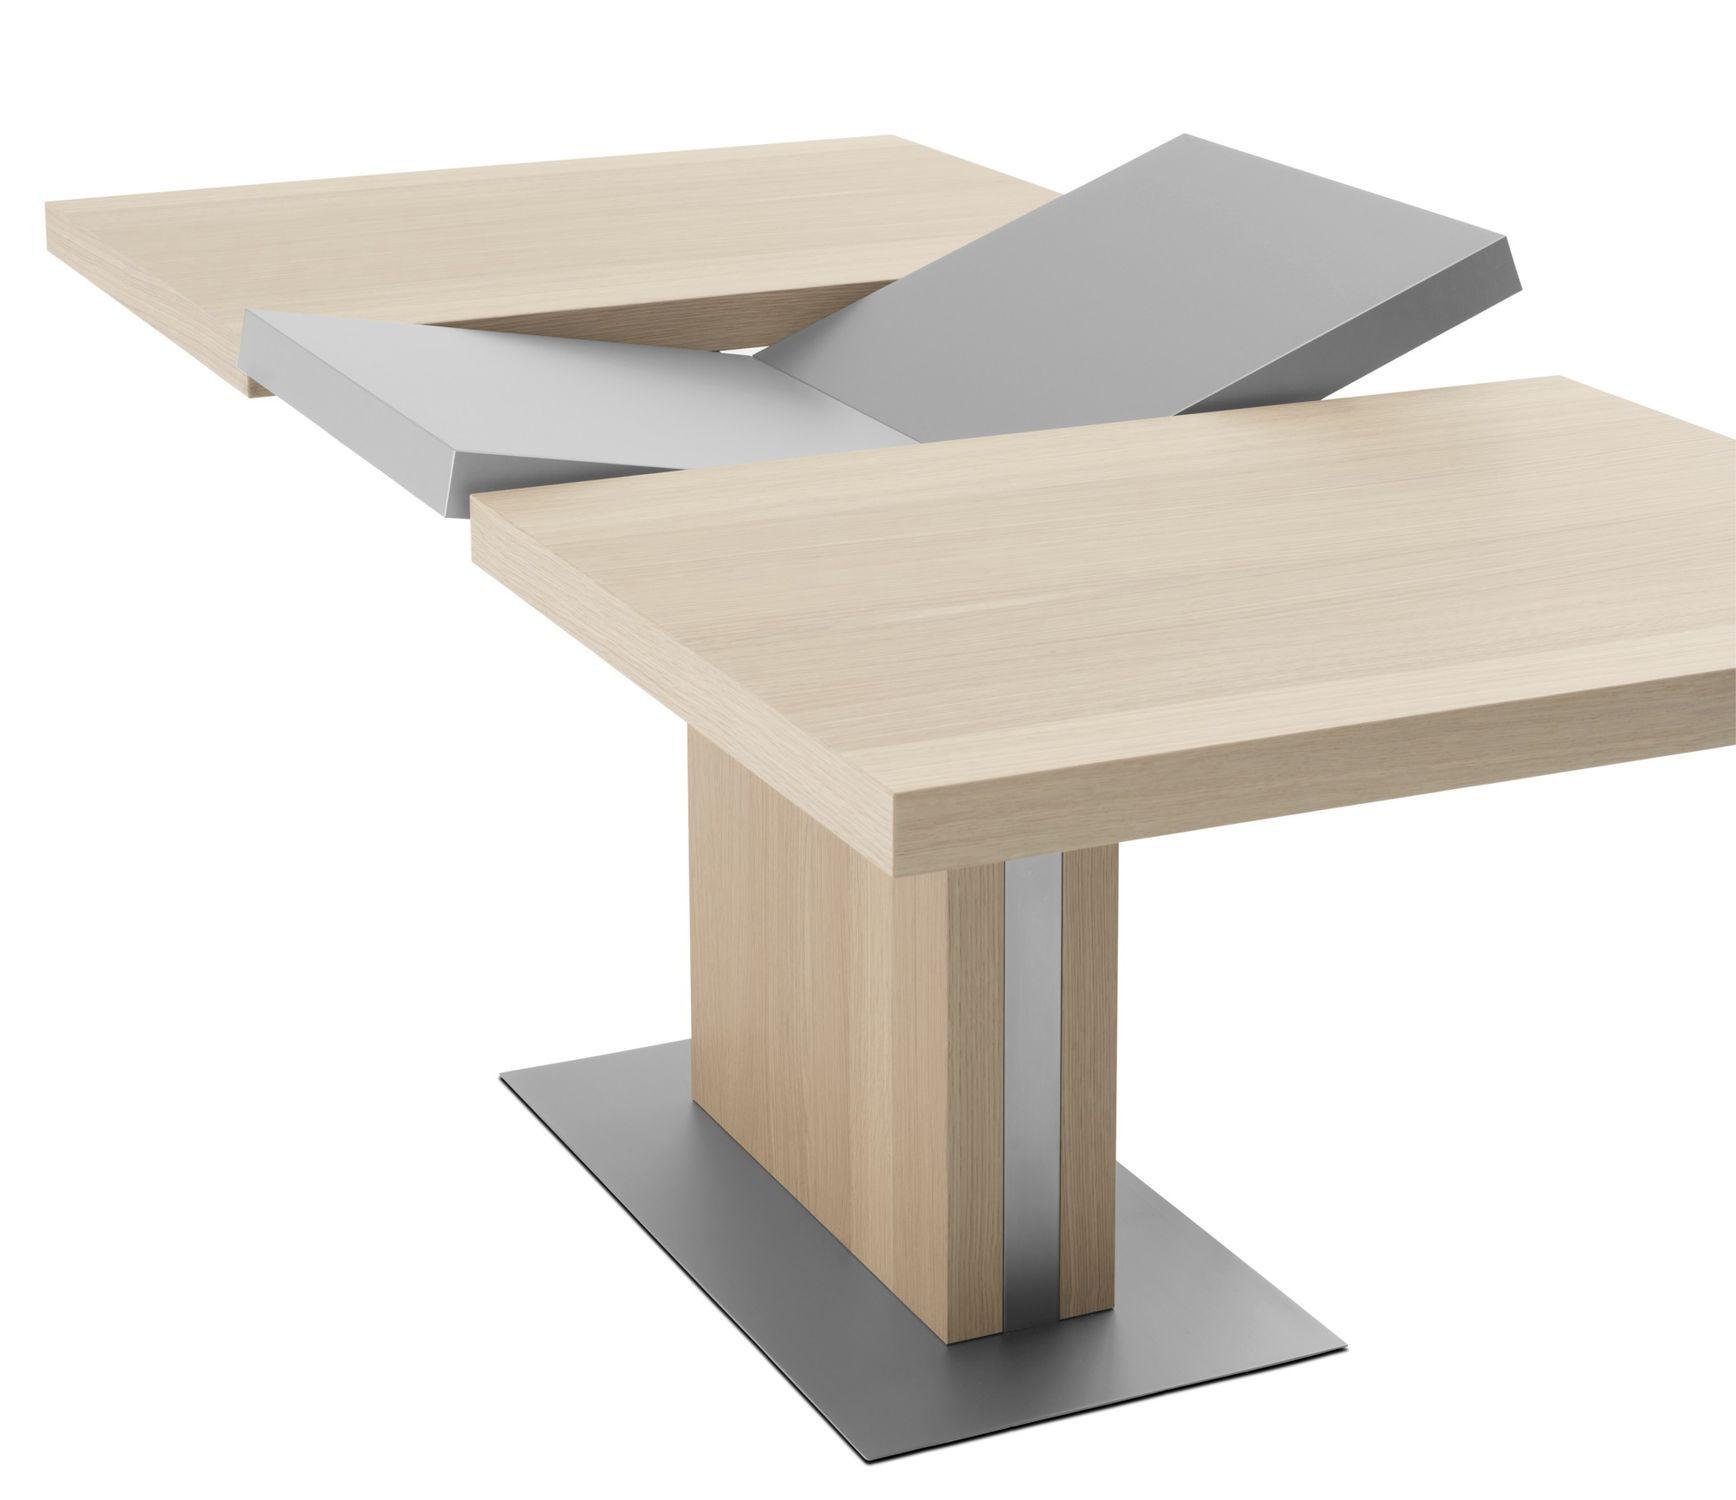 Moderner Esstisch Aus Mdf Stahl Rechteckig Bari Boconcept